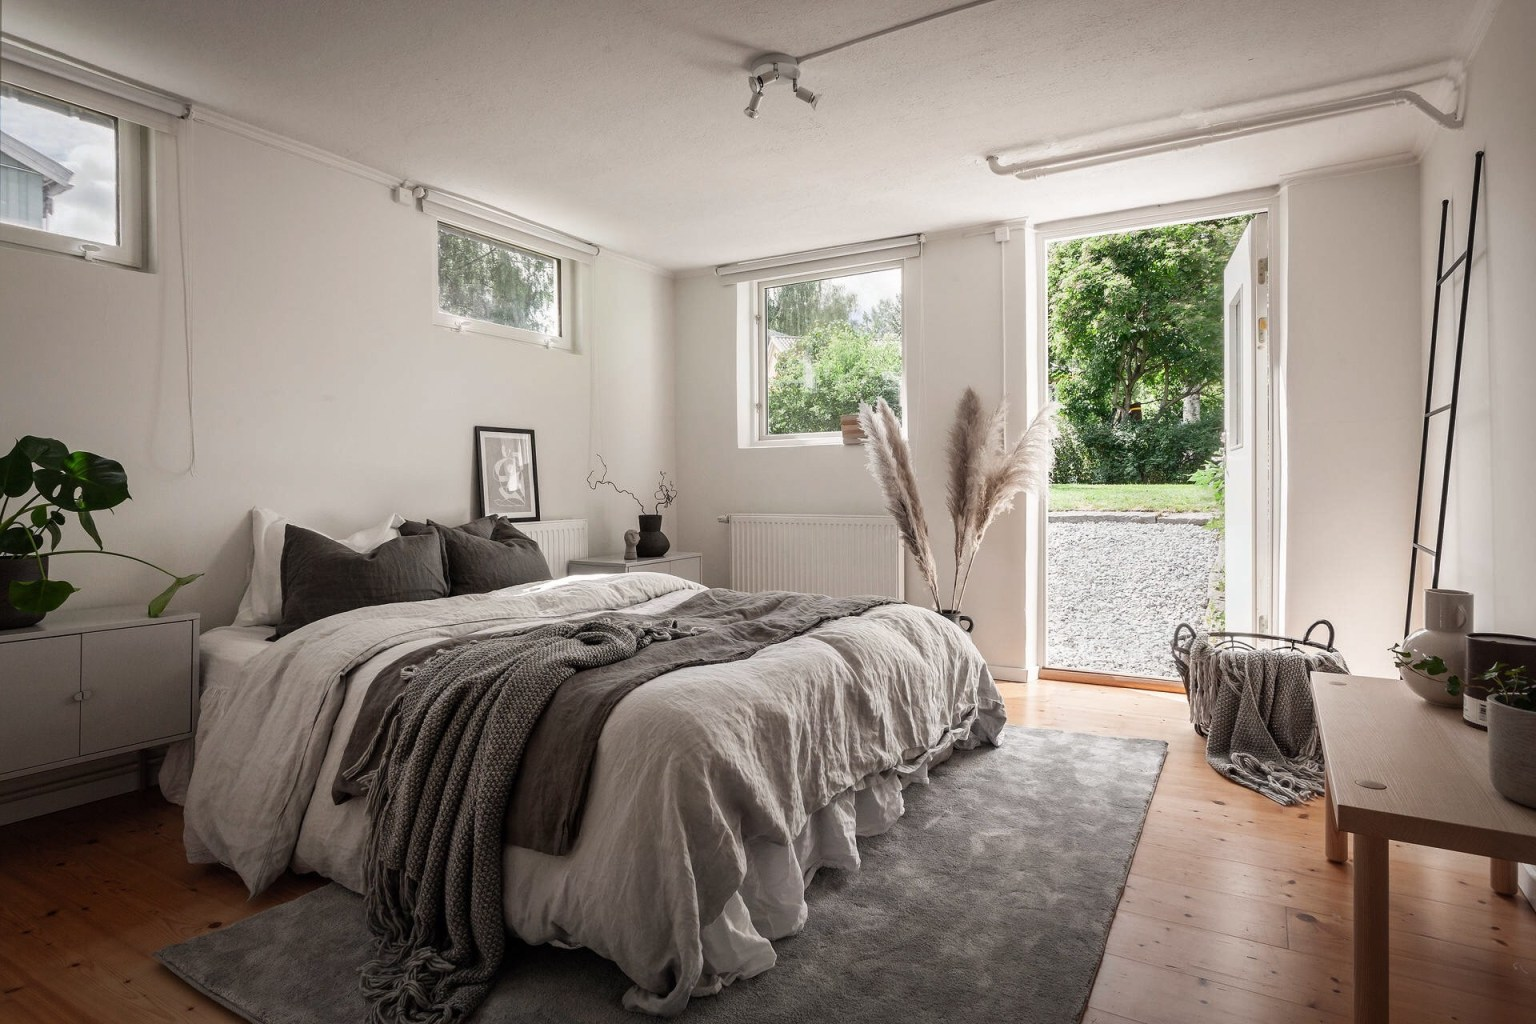 """31 beige bedroom 16056887134481713431948 - Căn nhà cấp 4 màu xanh da trời nhìn ngoài thì bình thường mà bên trong khiến ai cũng """"sững sờ"""""""